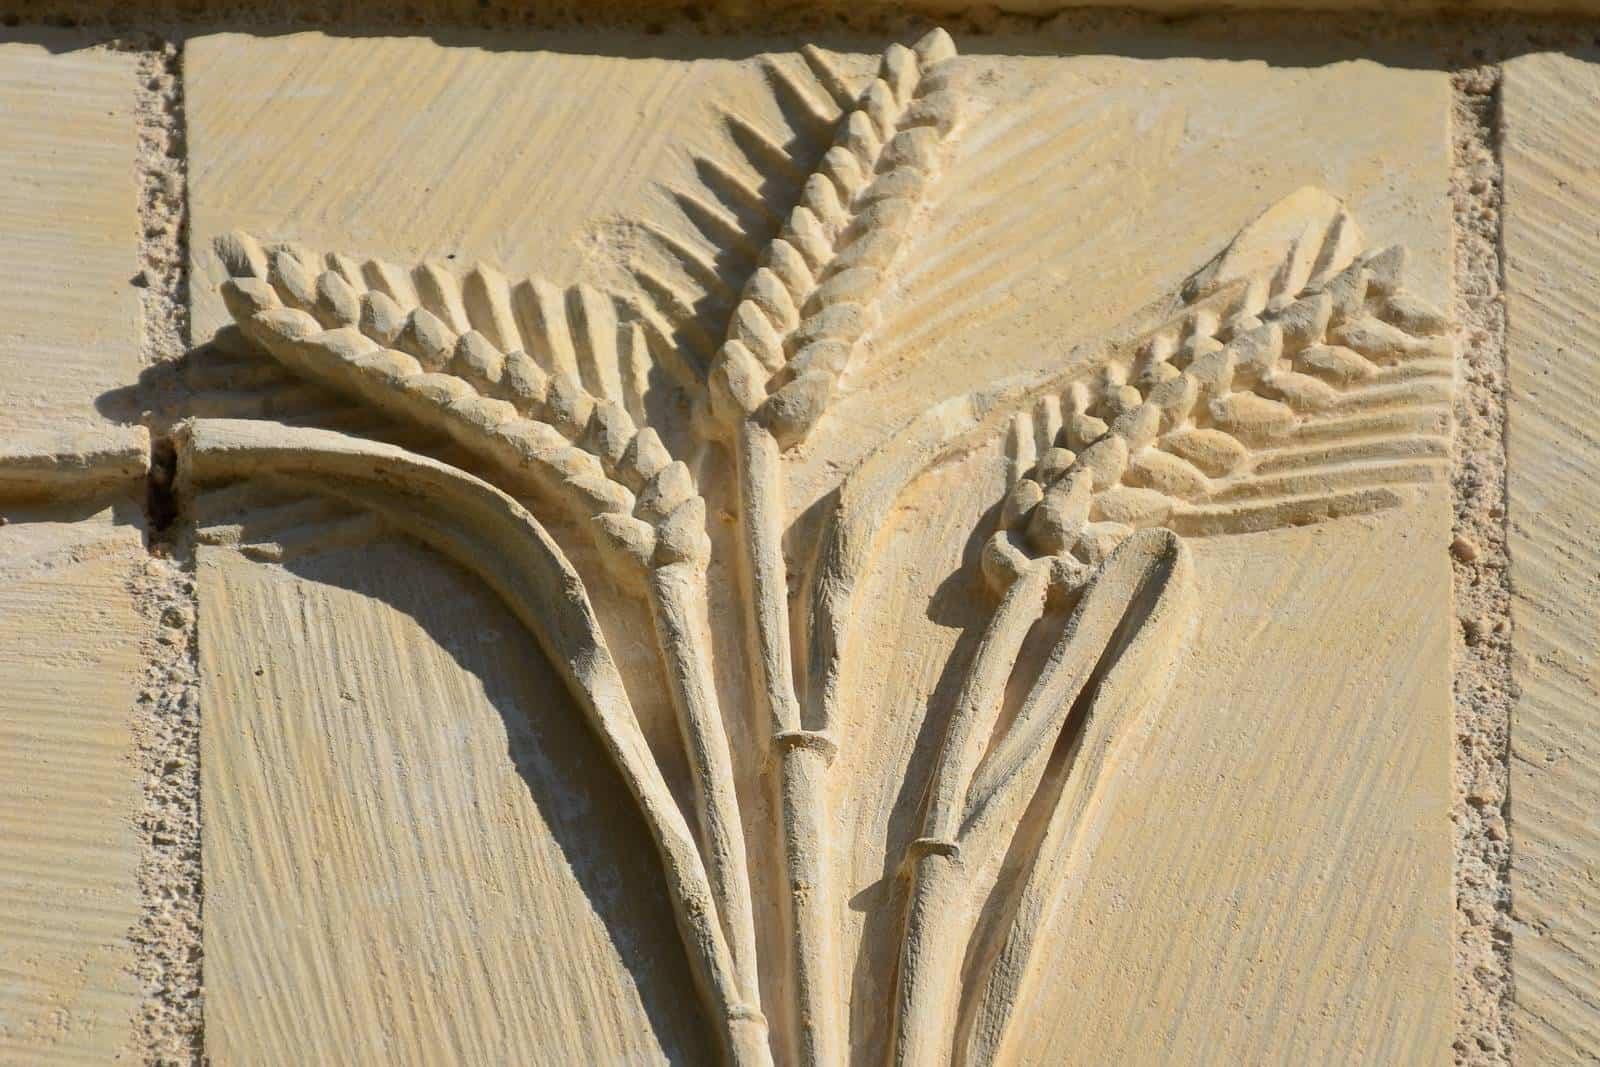 Blé sculpté par un talentueux artisan local recadrage horizontal - gîte rural de Haute Forêt en Vallée du Loir